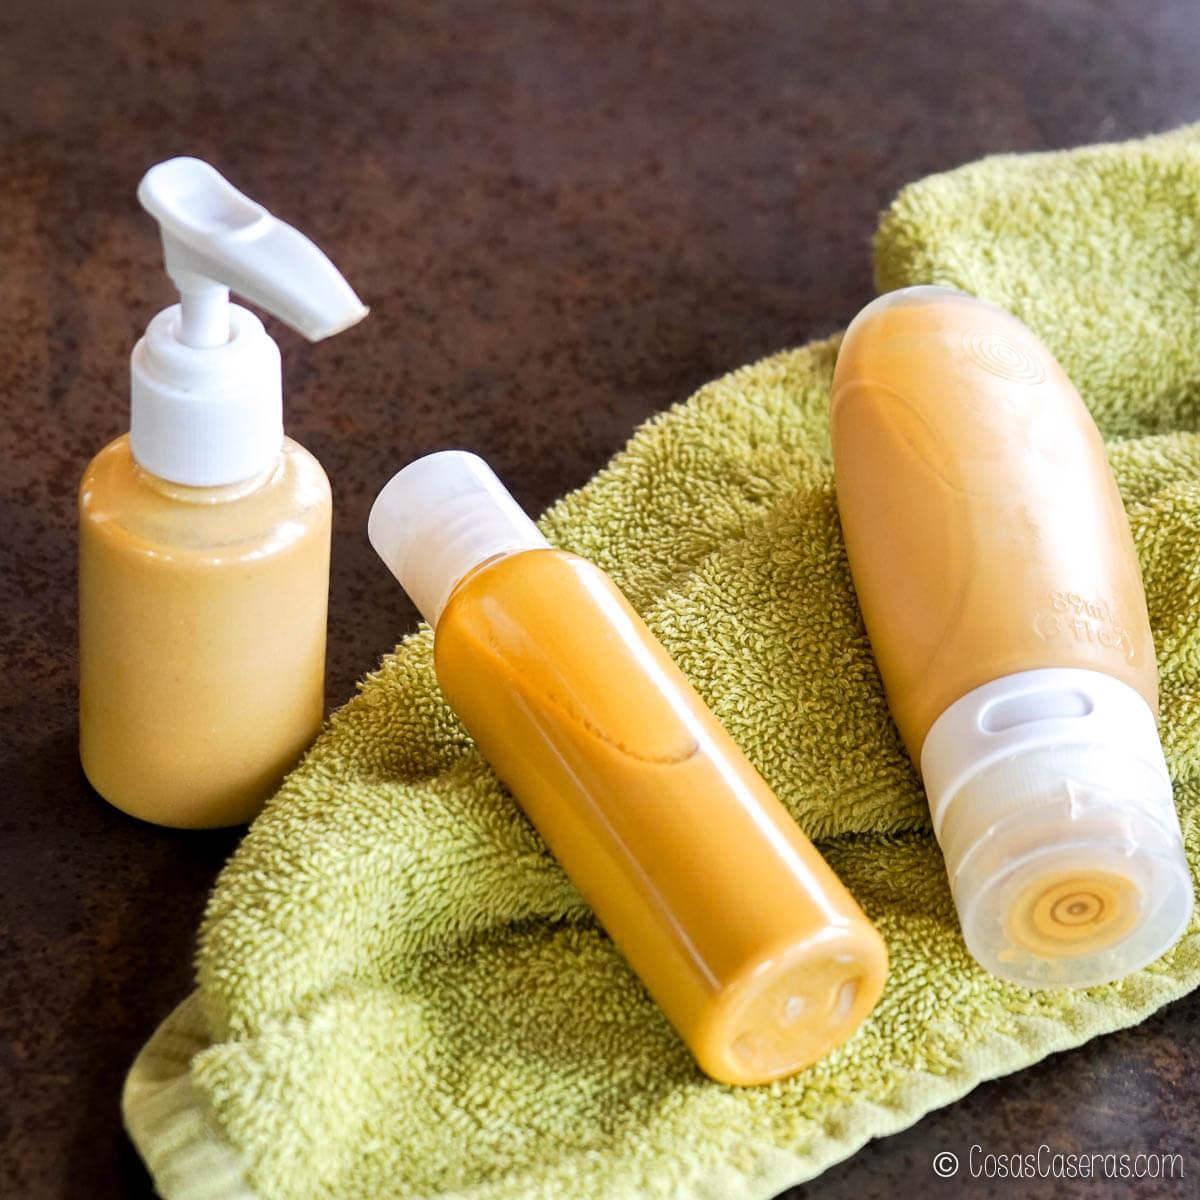 varios recipientes llenos de un aceite luminoso corporal dorado